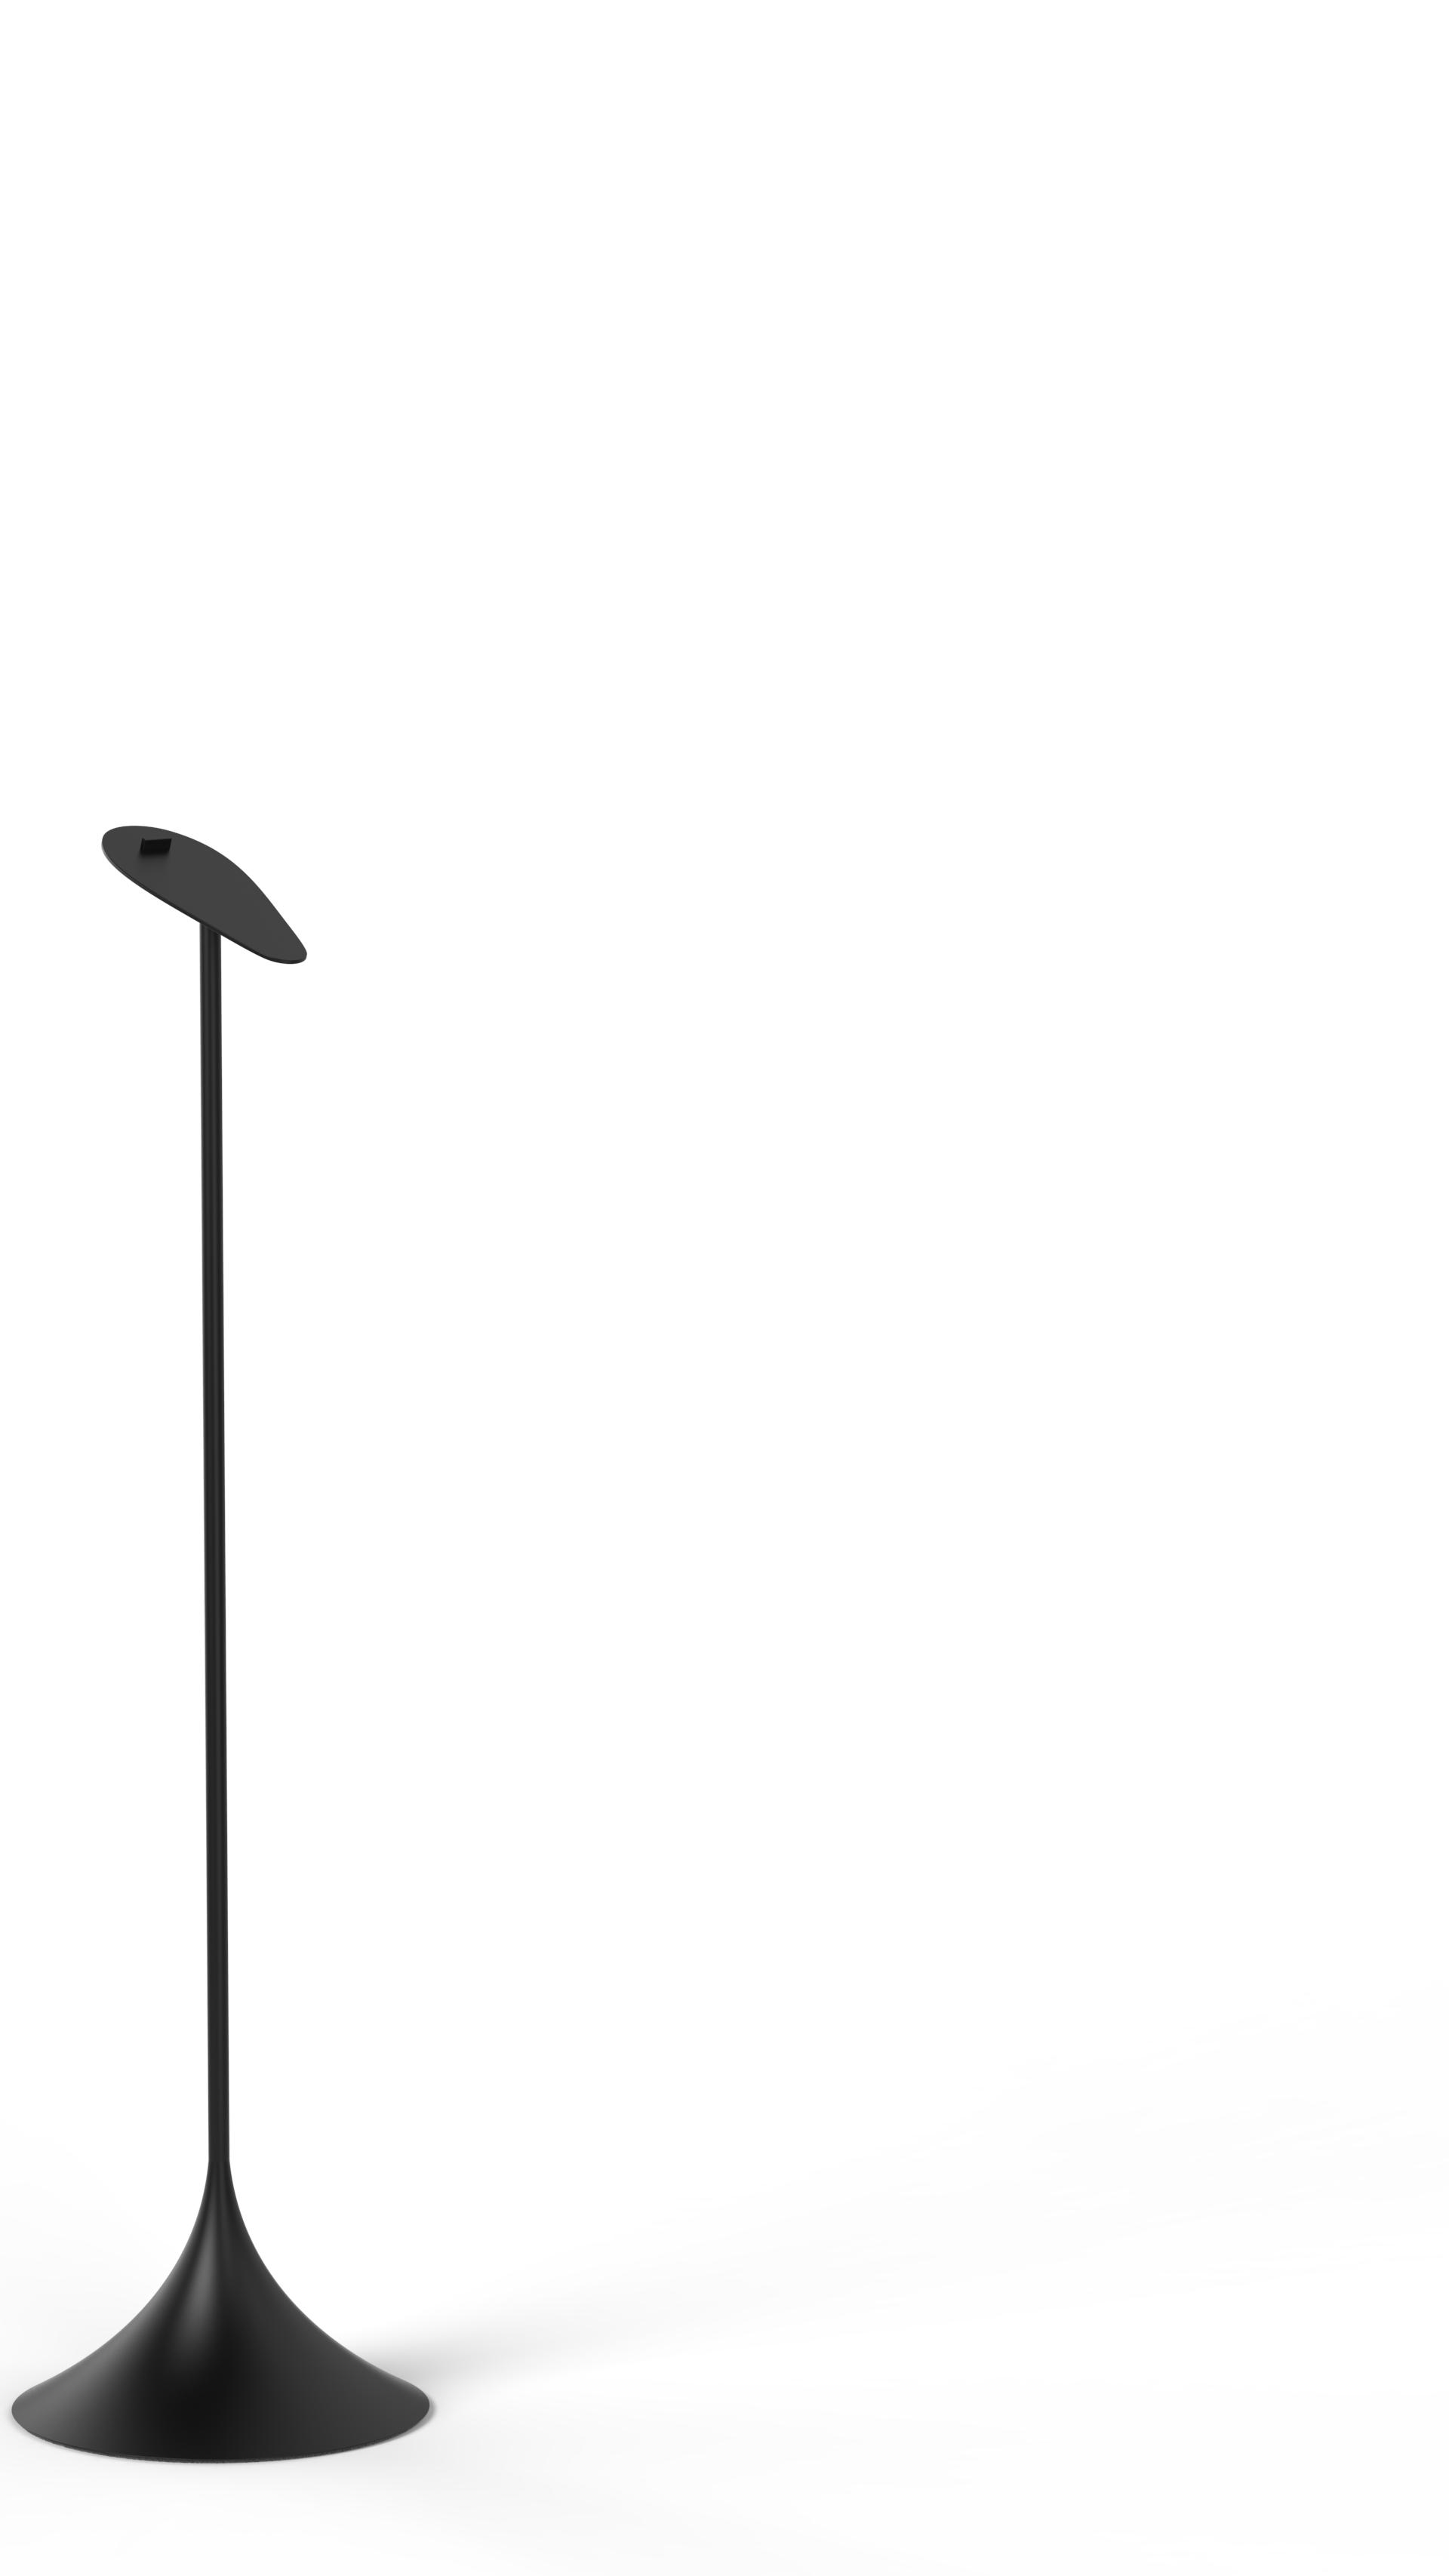 AUSPC80 Présentoir pour chaussure SAINT-HONORÉ PARIS